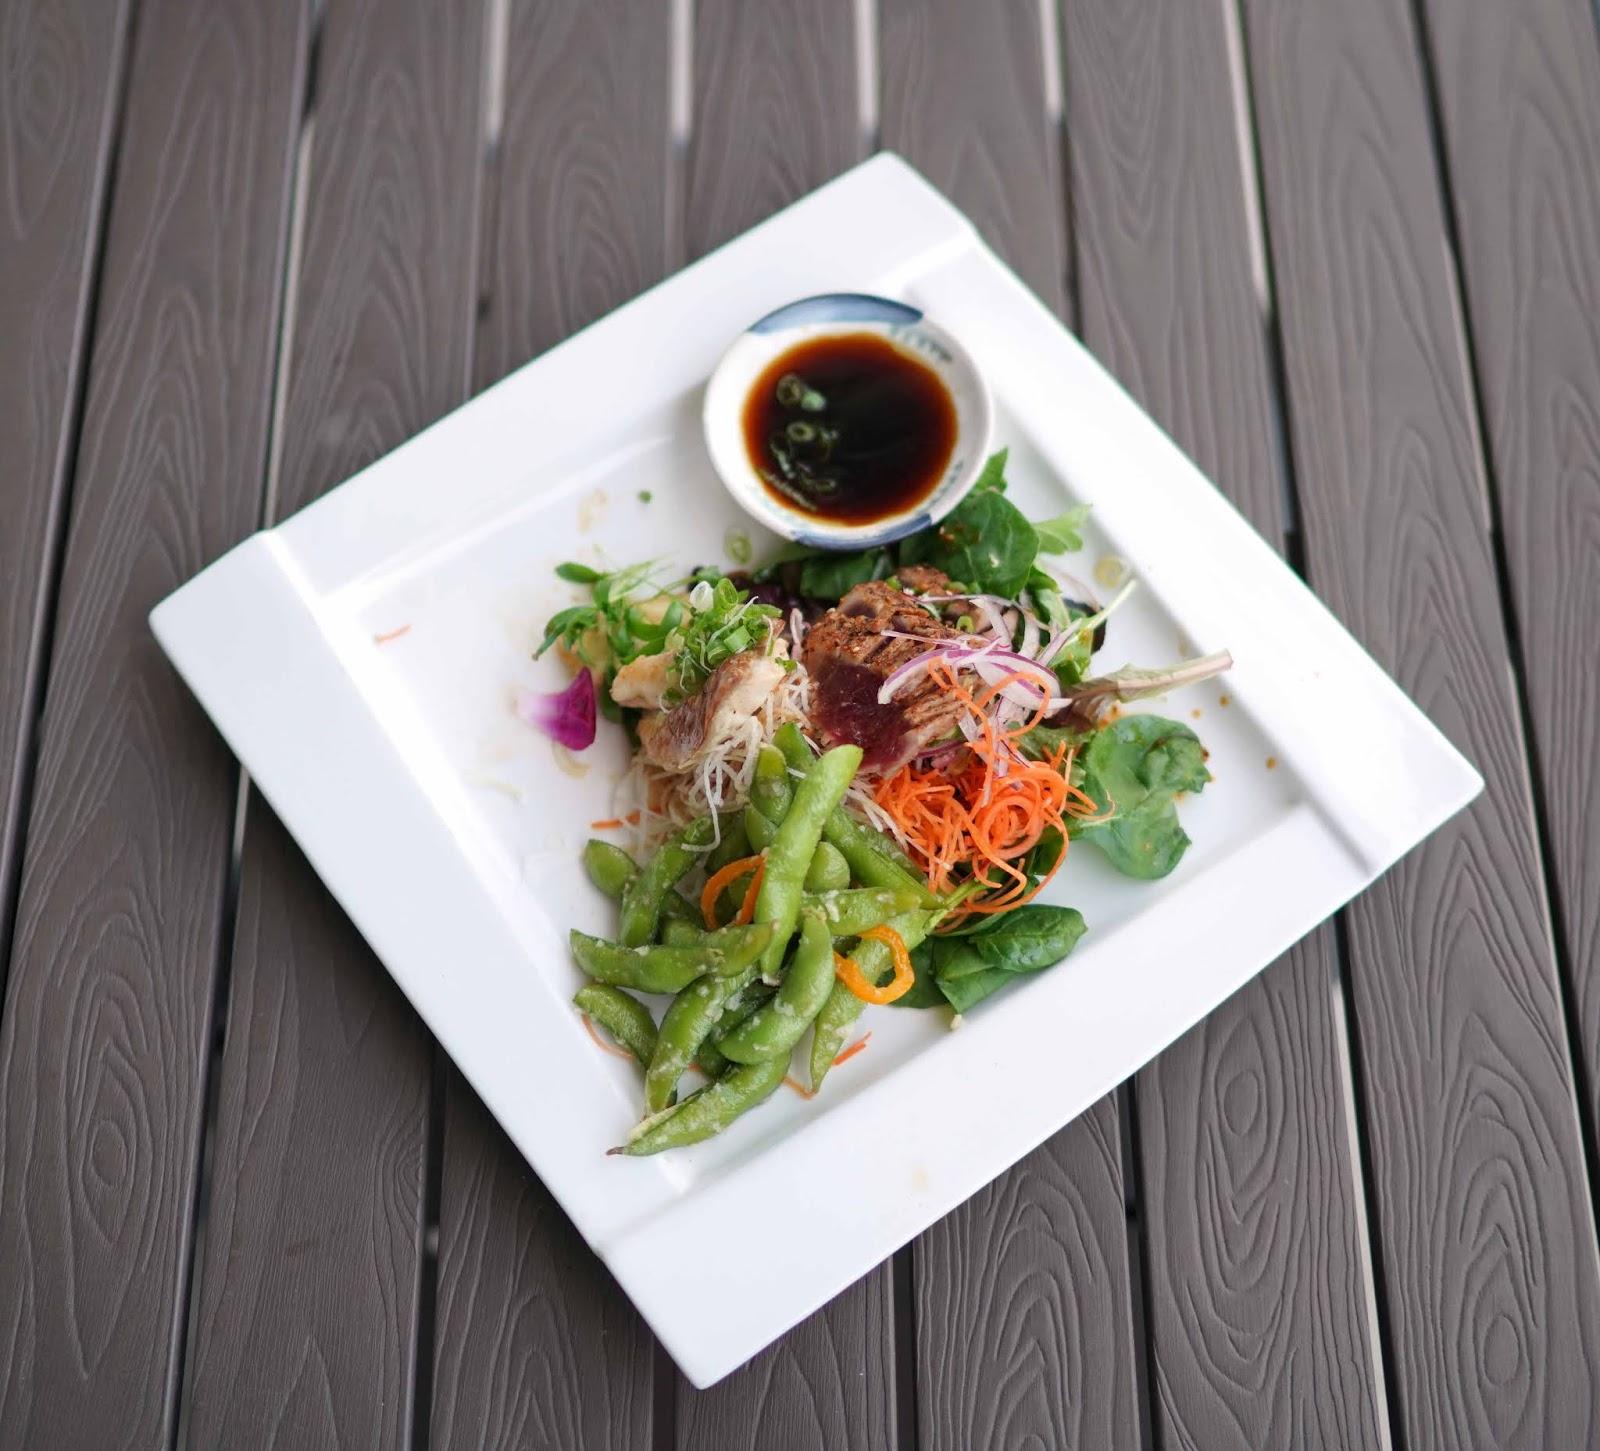 Omakase Experience at Sakura Sushi | Sushi in the ATX